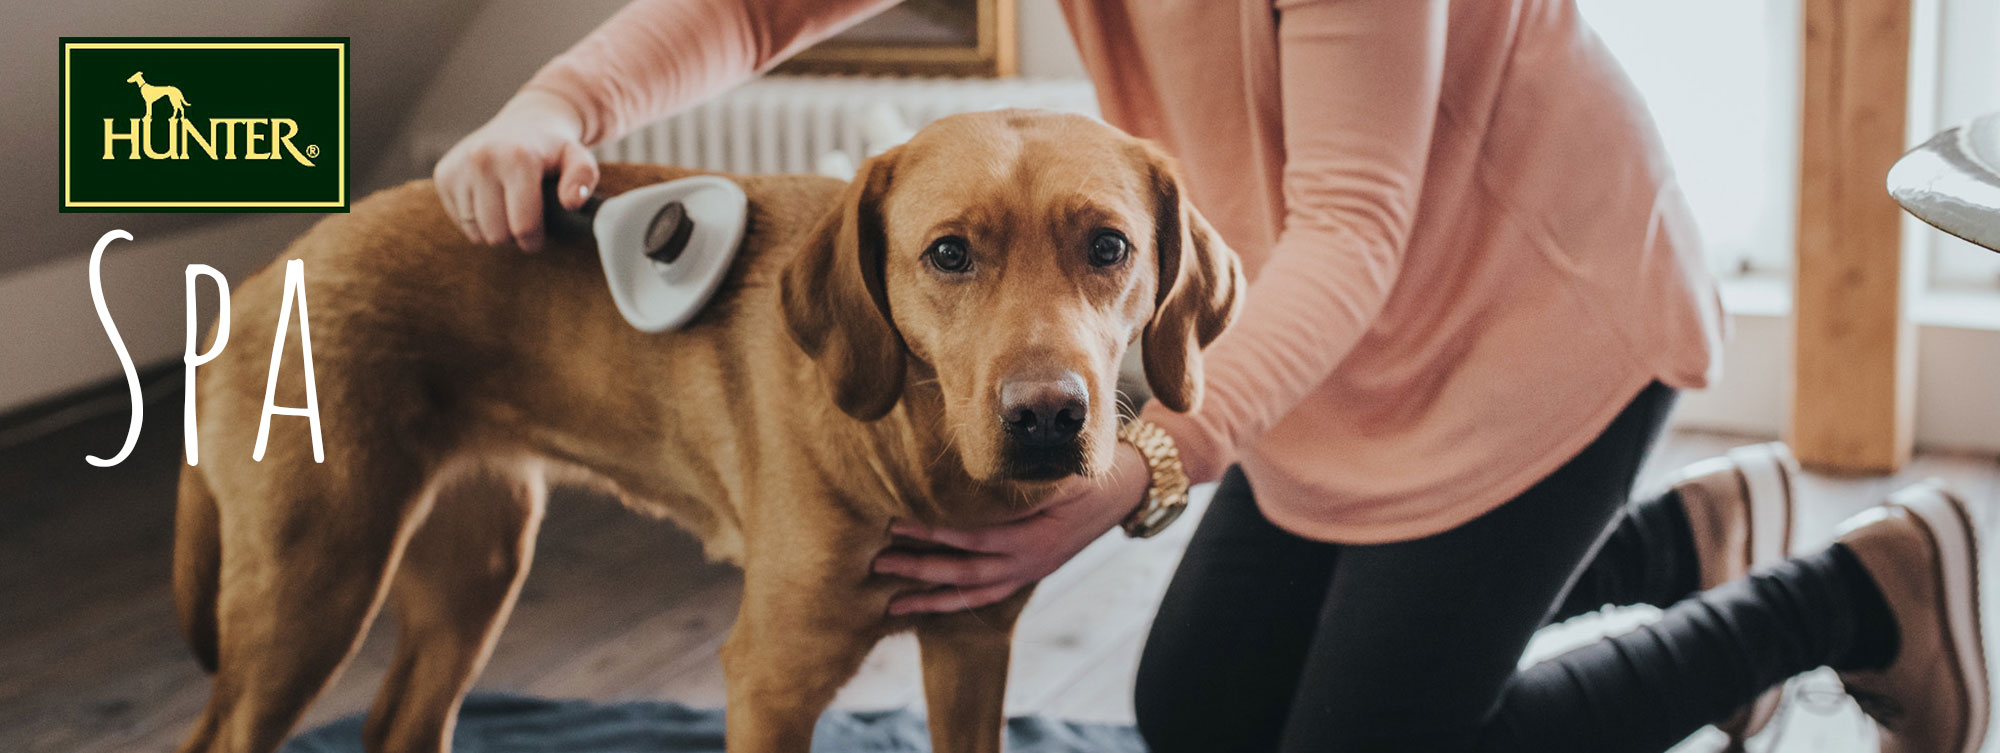 HUNTER Spa Pflegeprodukte für Haustiere, Bild 2